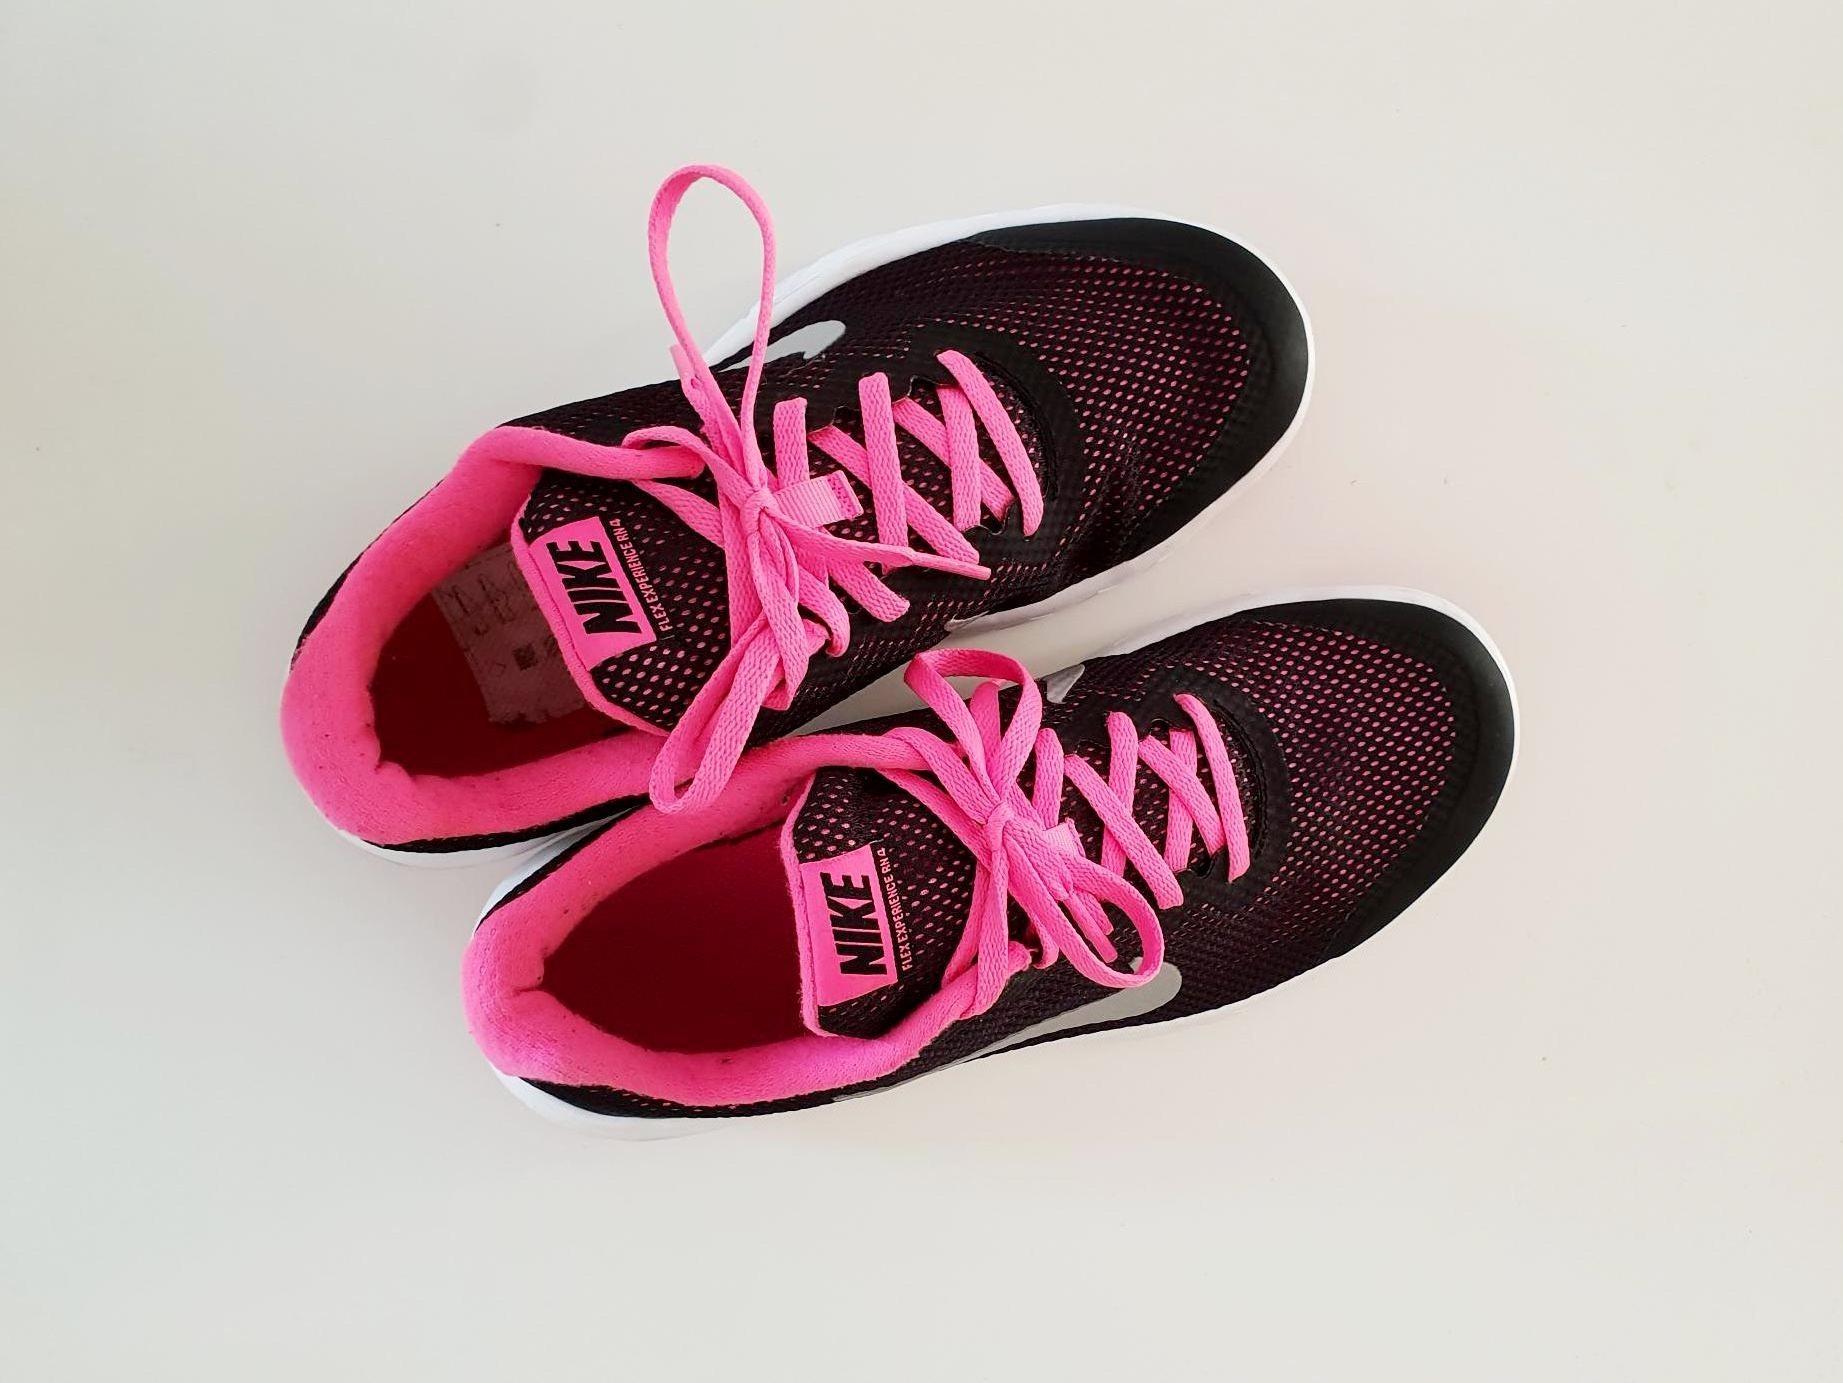 timeless design c11eb 70db3 Träningsskor Nike, 38.5, Flex experience RN4, fint skick! lätta snygga  sneakers